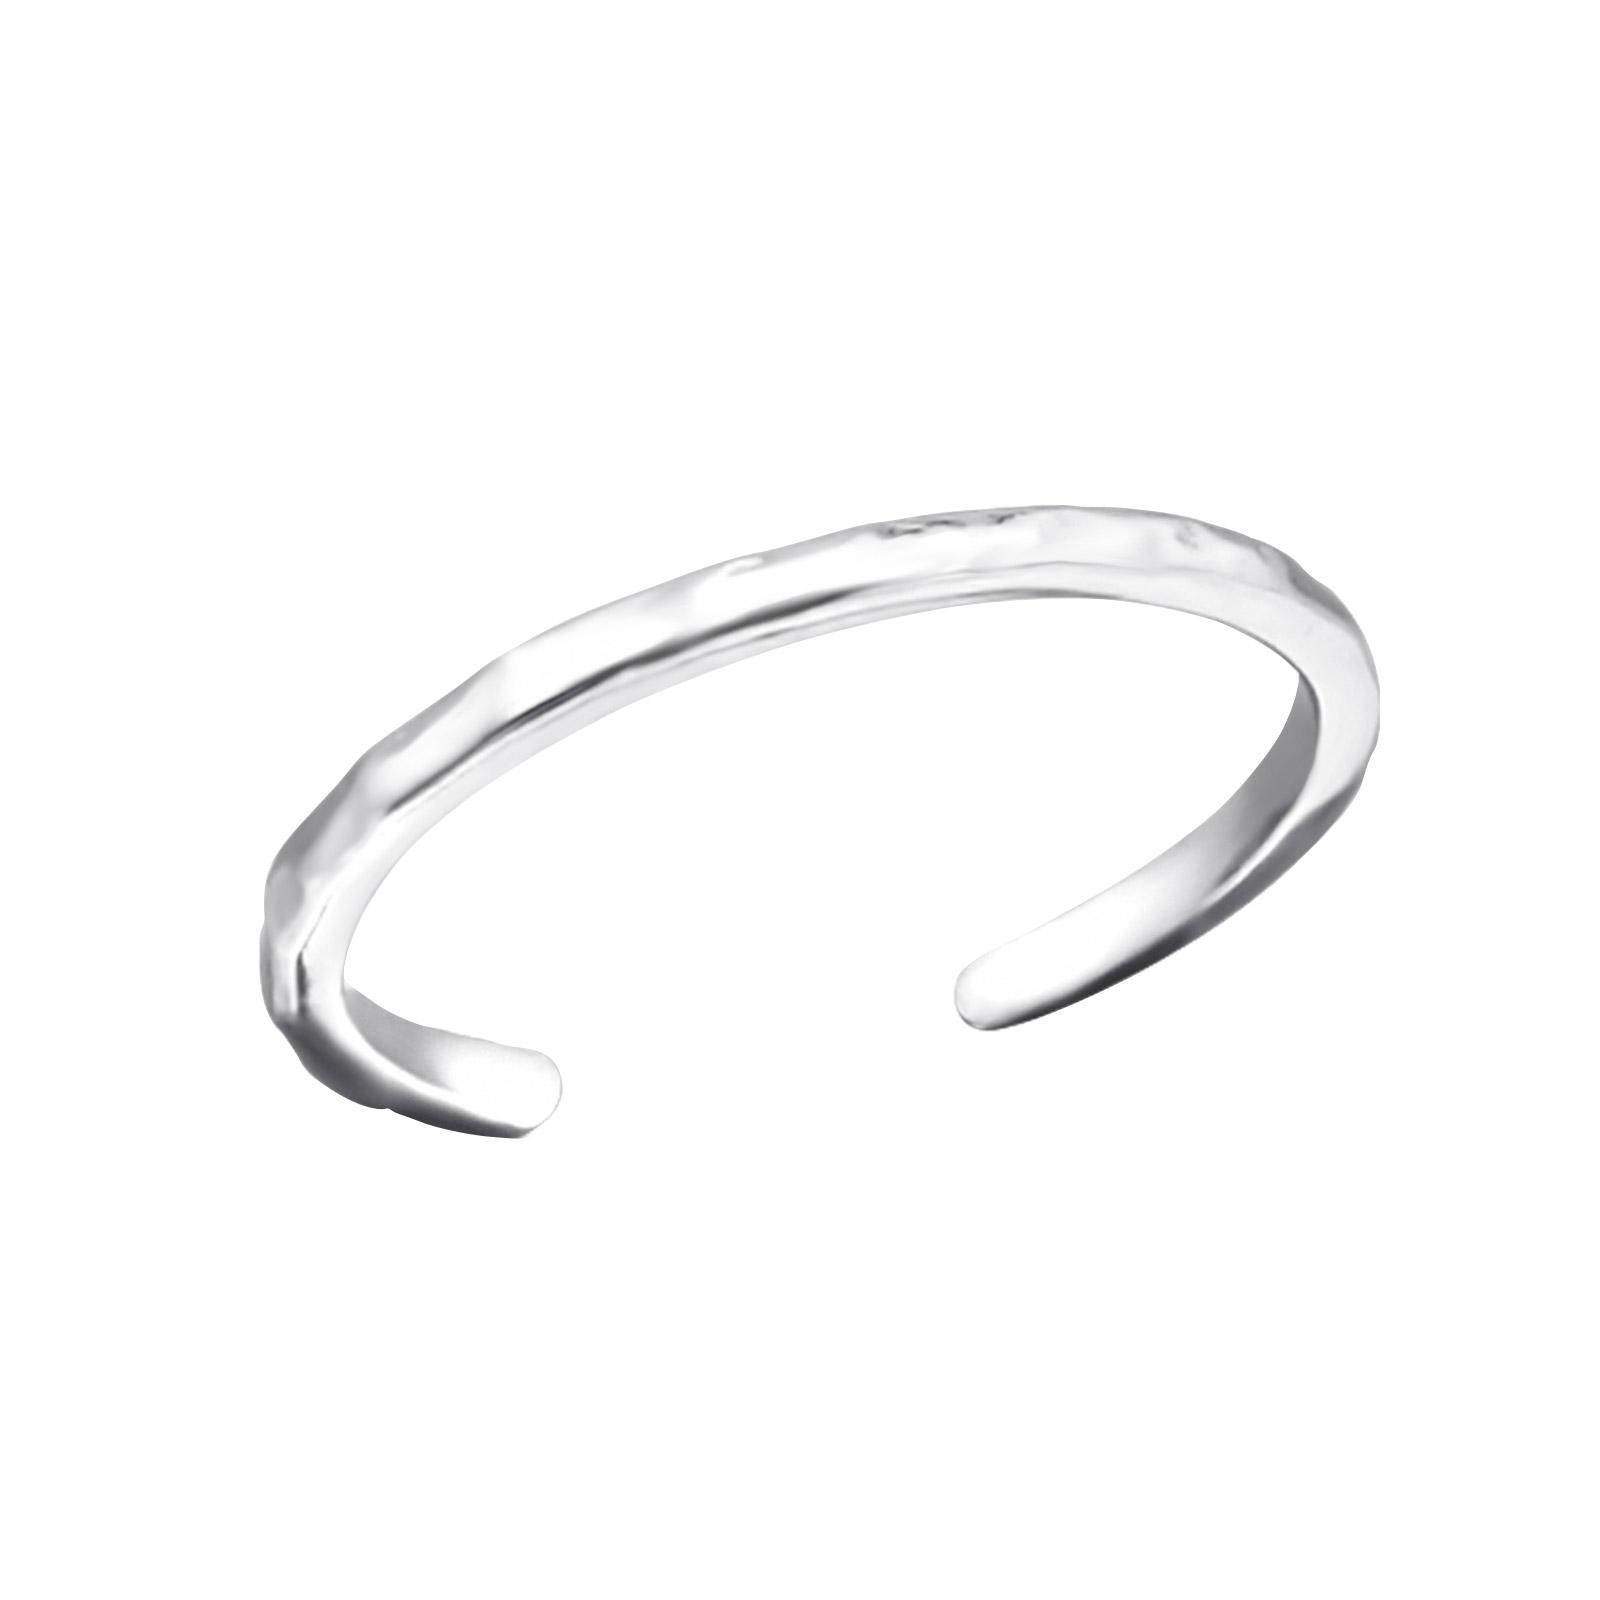 OLIVIE Strieborný prsteň na nohu 1340 Ag 925; ≤0,55 g.